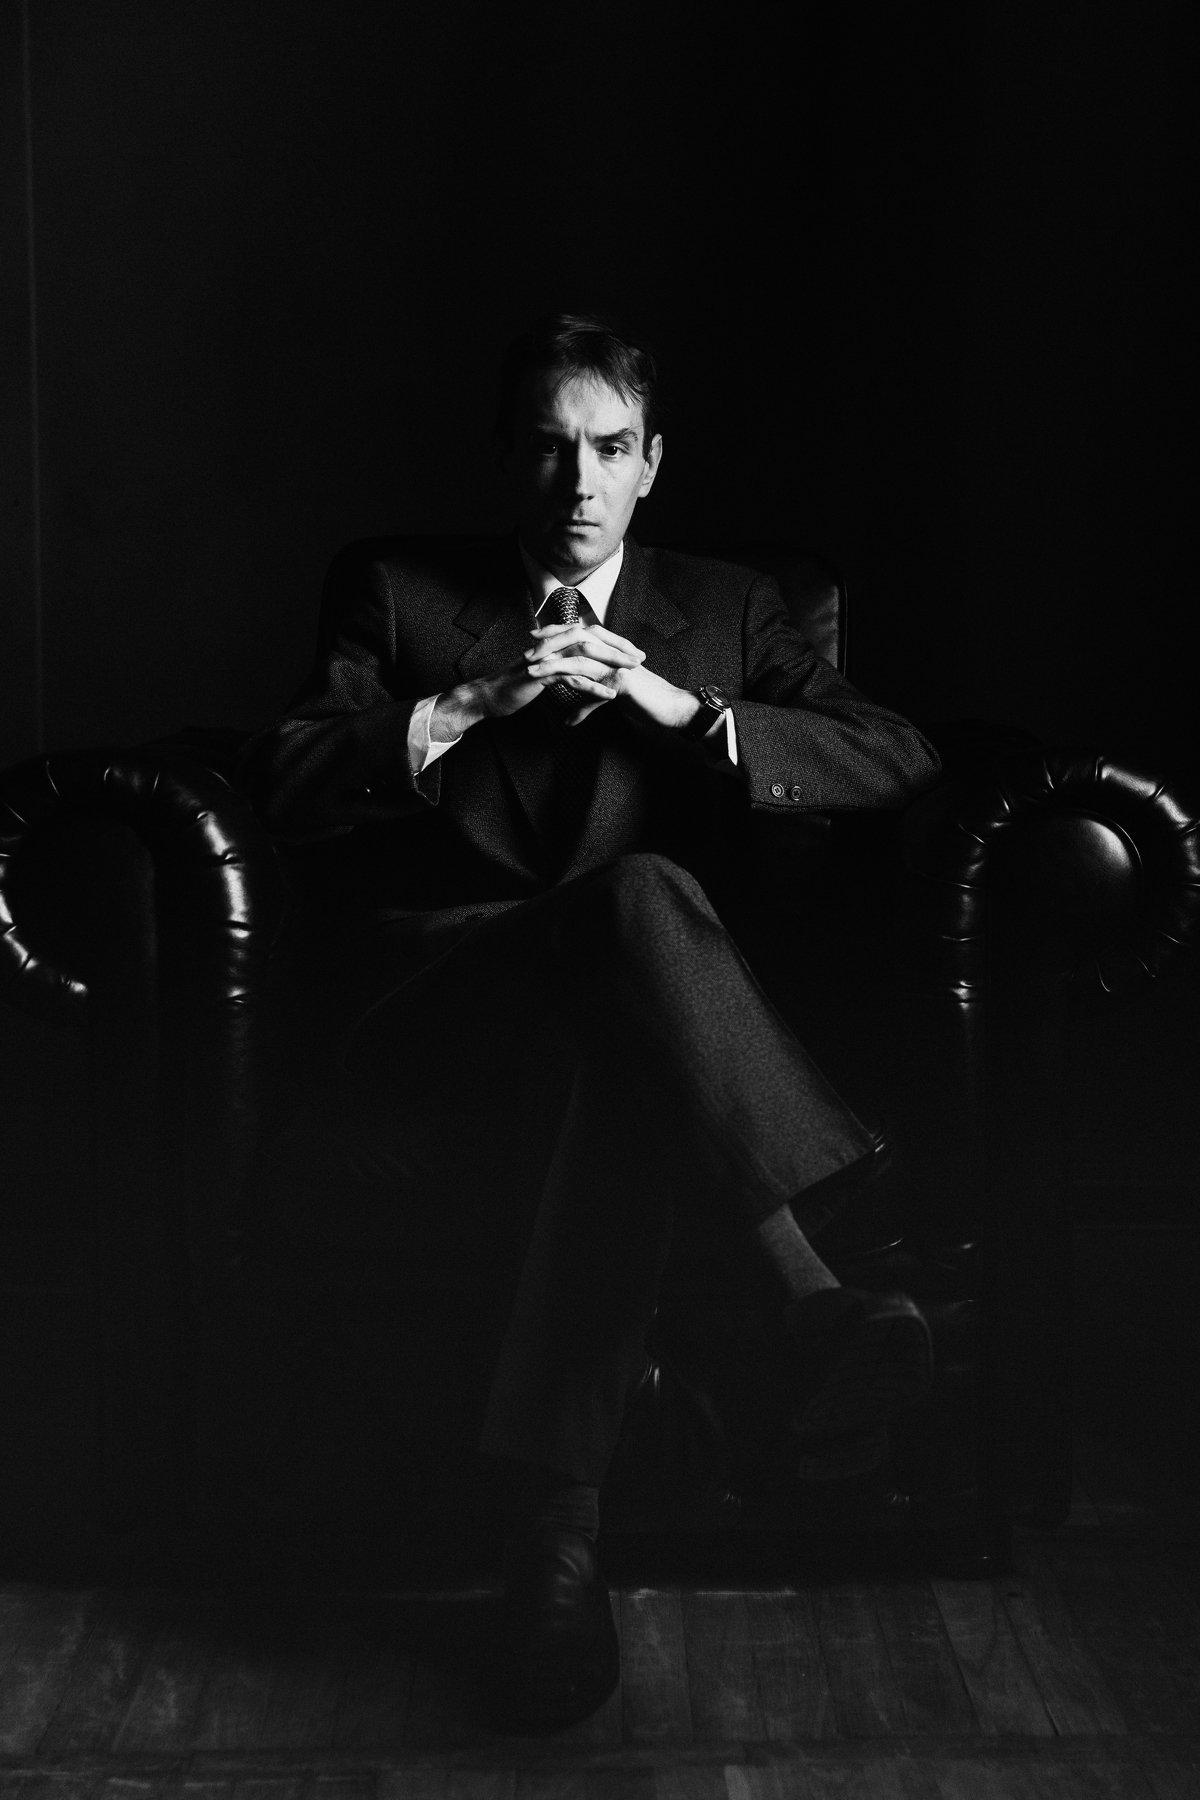 мужчина портрет черно белое чб, Моско Роман